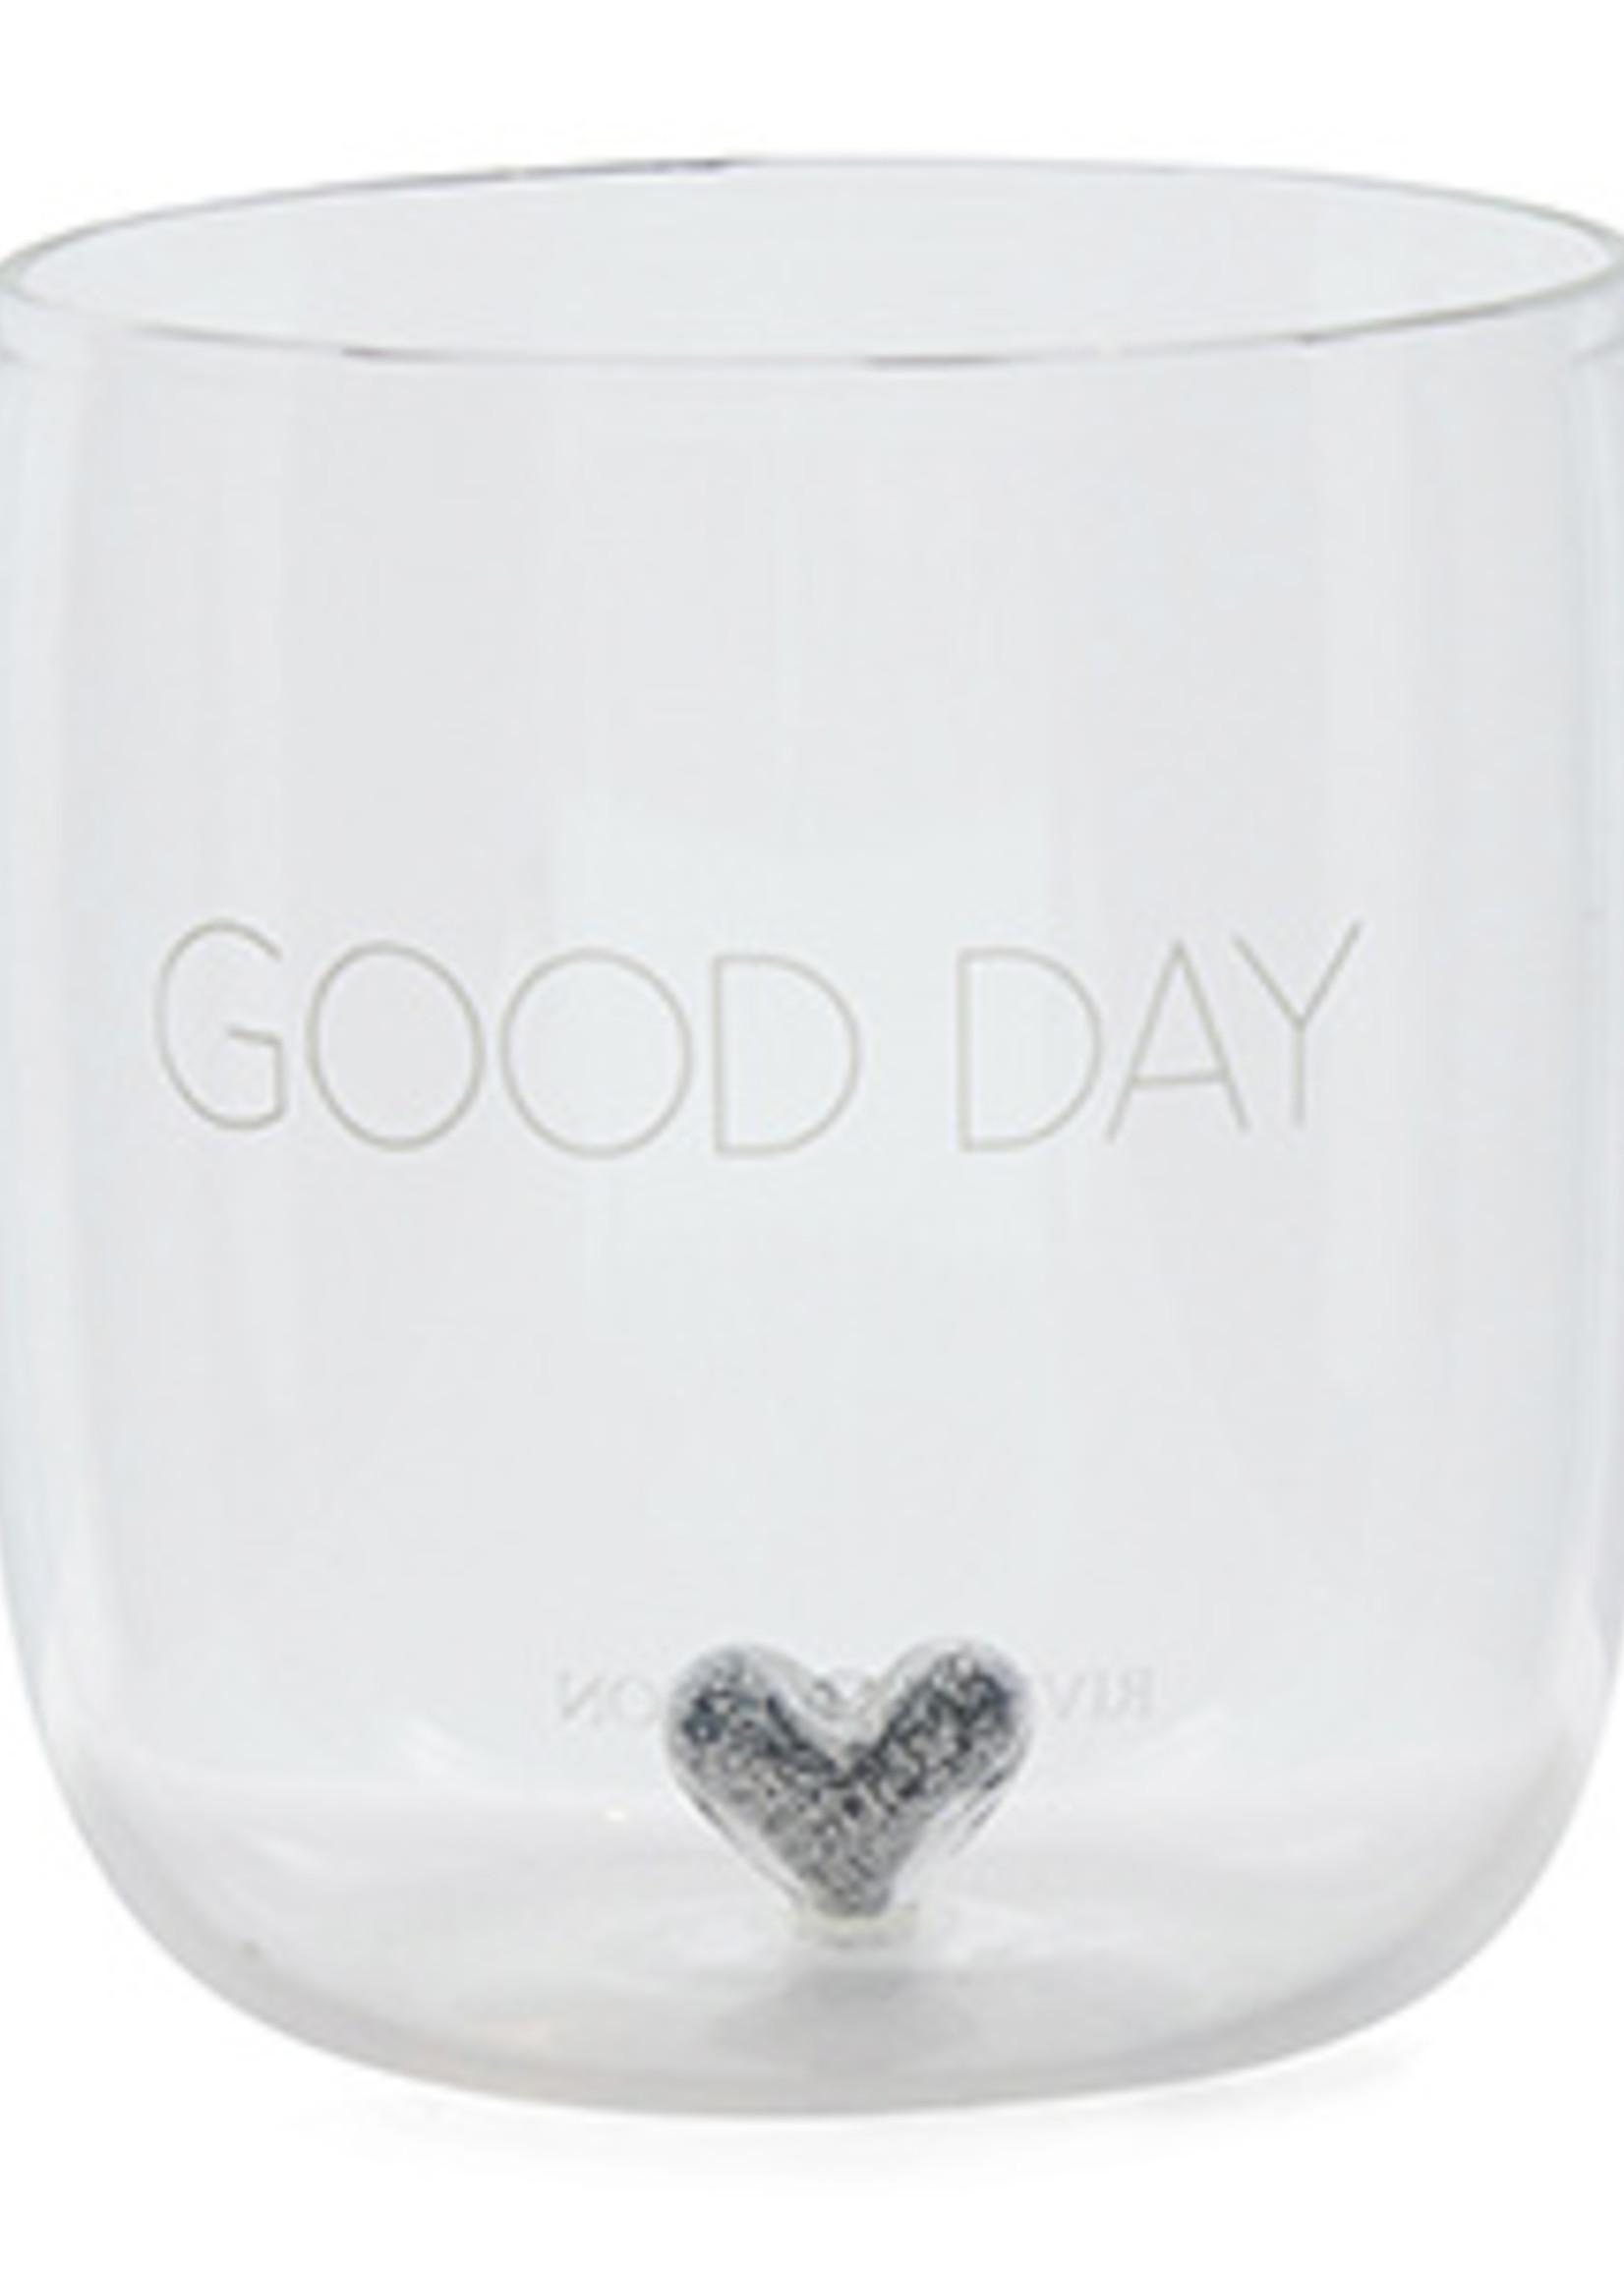 Riviera Maison Good day Glass M